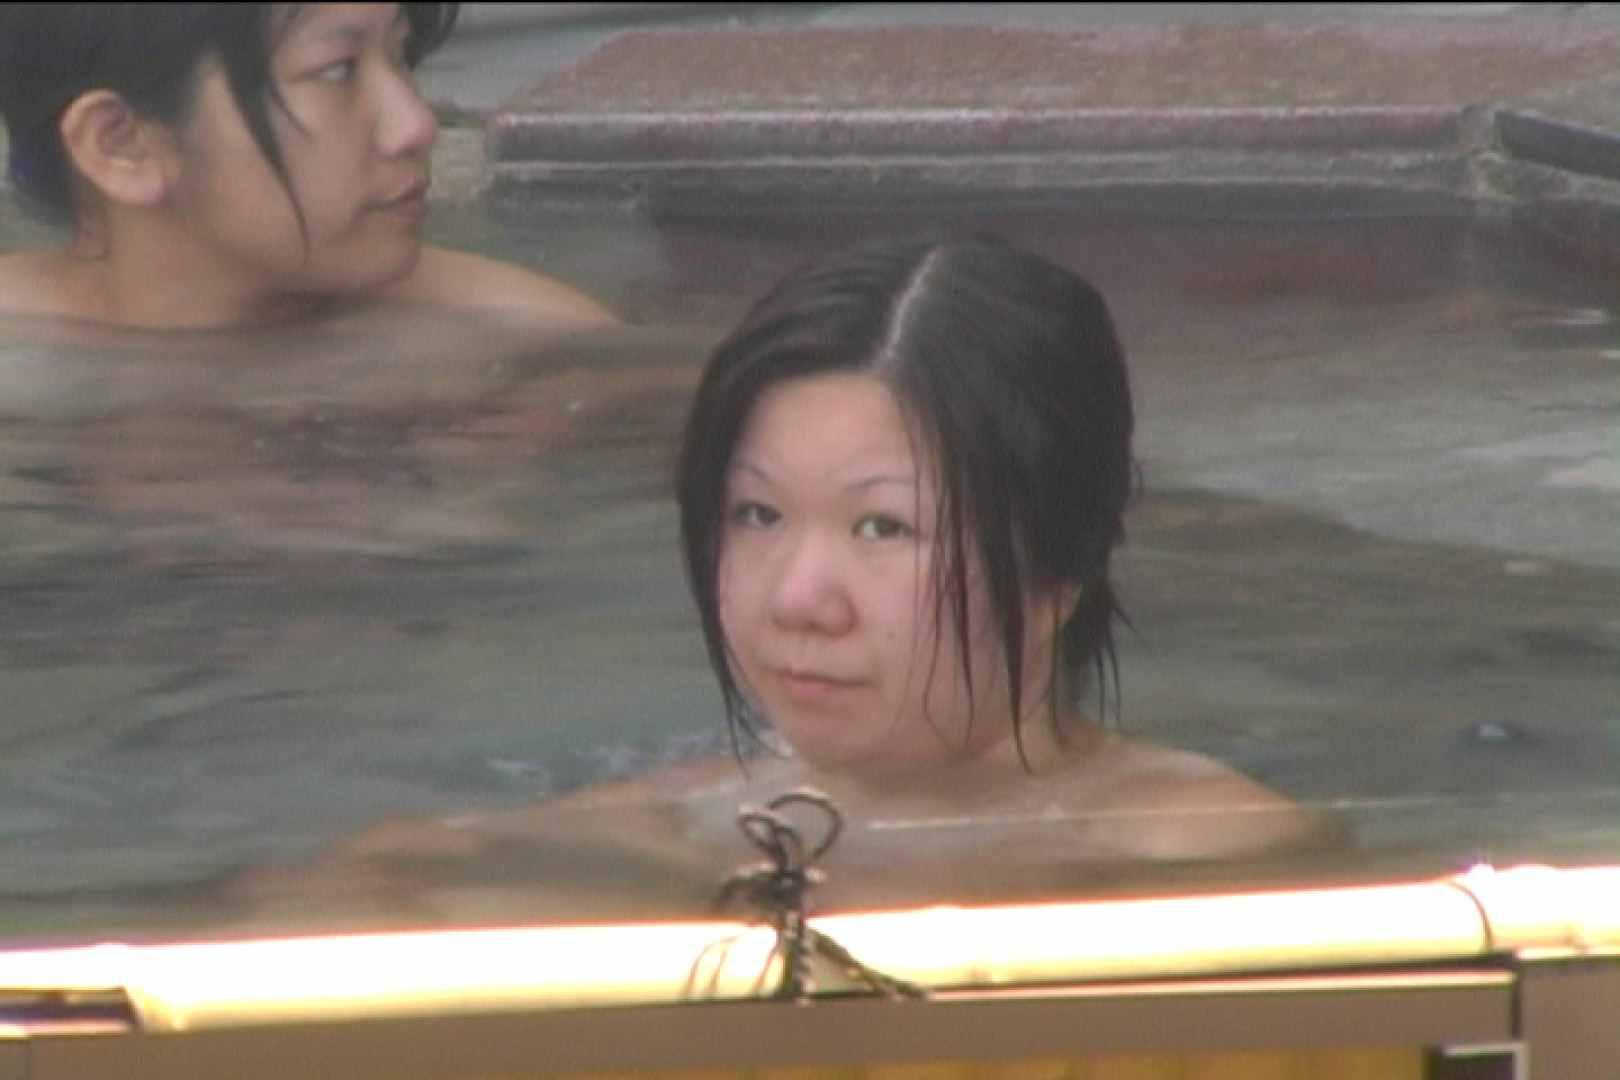 Aquaな露天風呂Vol.527 0  79pic 68